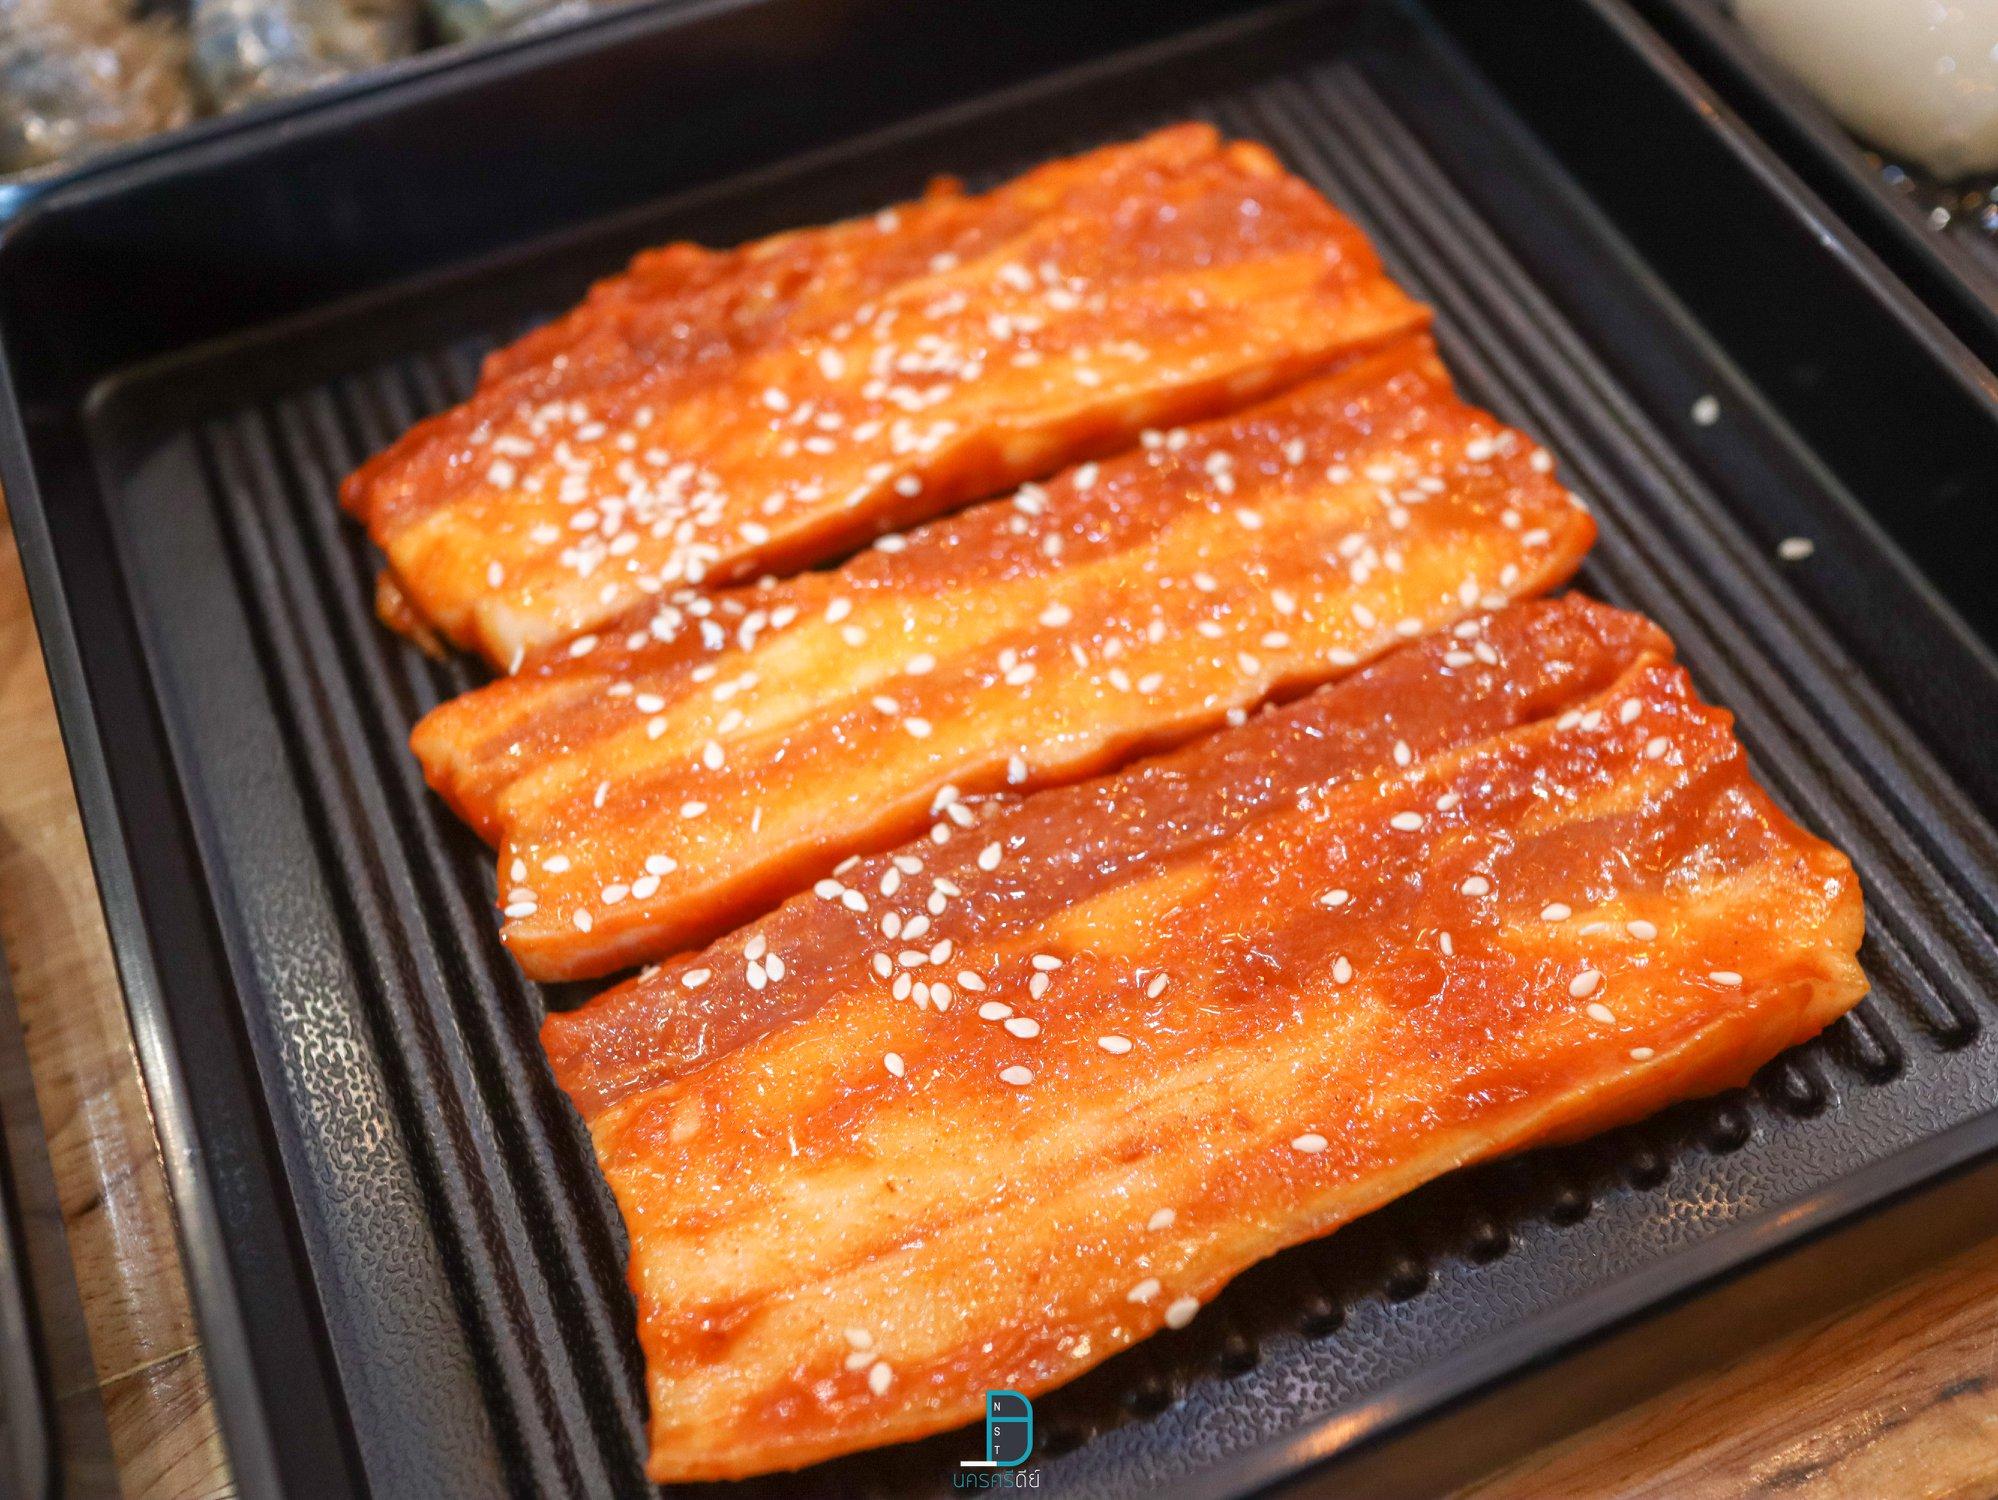 เตาย่างเกาหลี ปิ้งย่างชาบูนครศรีธรรมราช Morfin shabu grill at ibiz avenue นครศรีดีย์